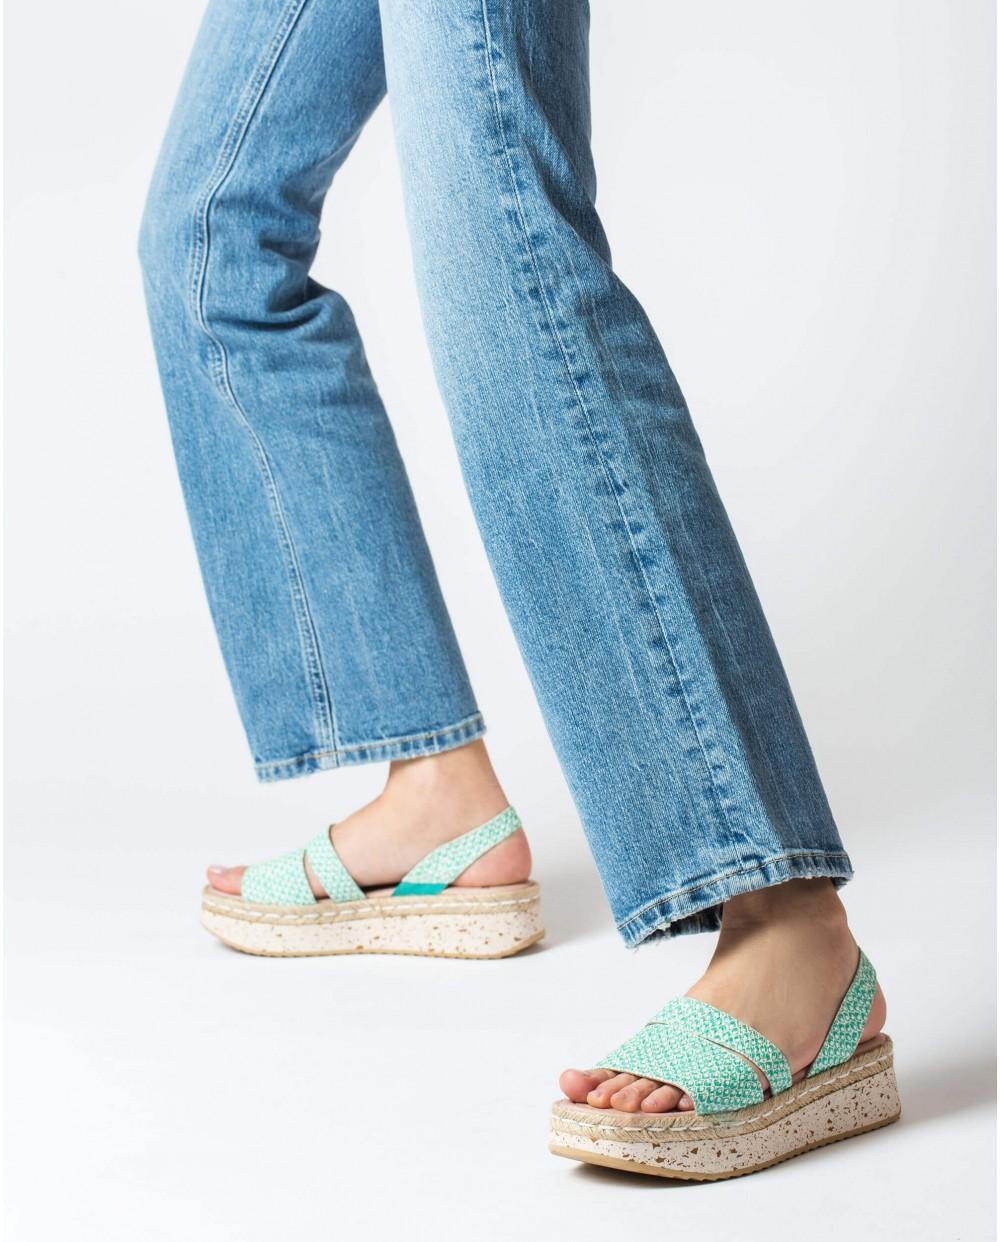 Wonders-Zapatos planos-Malé